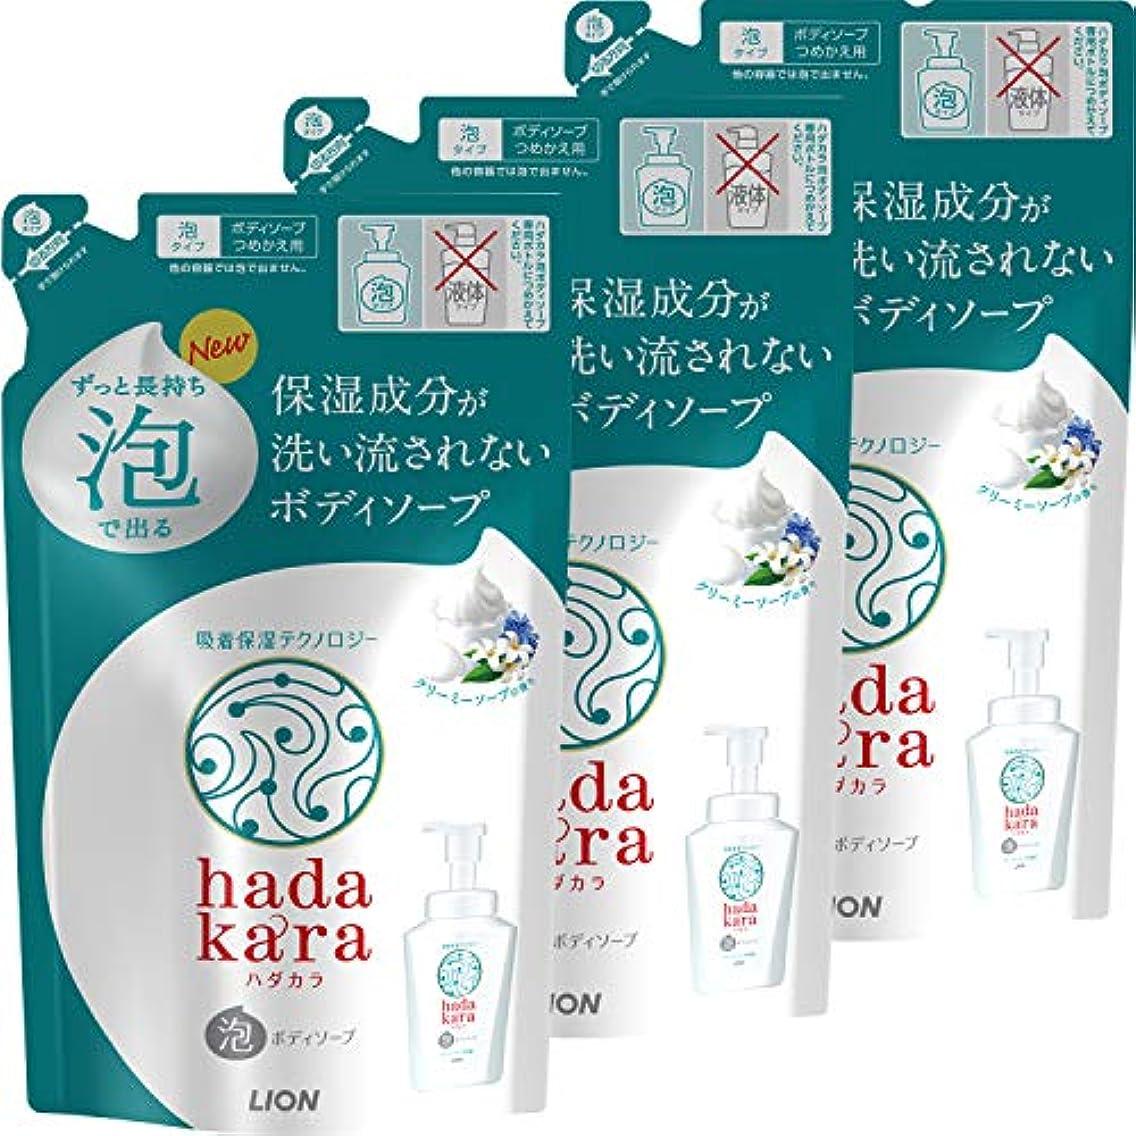 速度くしゃくしゃフォアタイプhadakara(ハダカラ) ボディソープ 泡タイプ クリーミーソープの香り 詰替440ml×3個